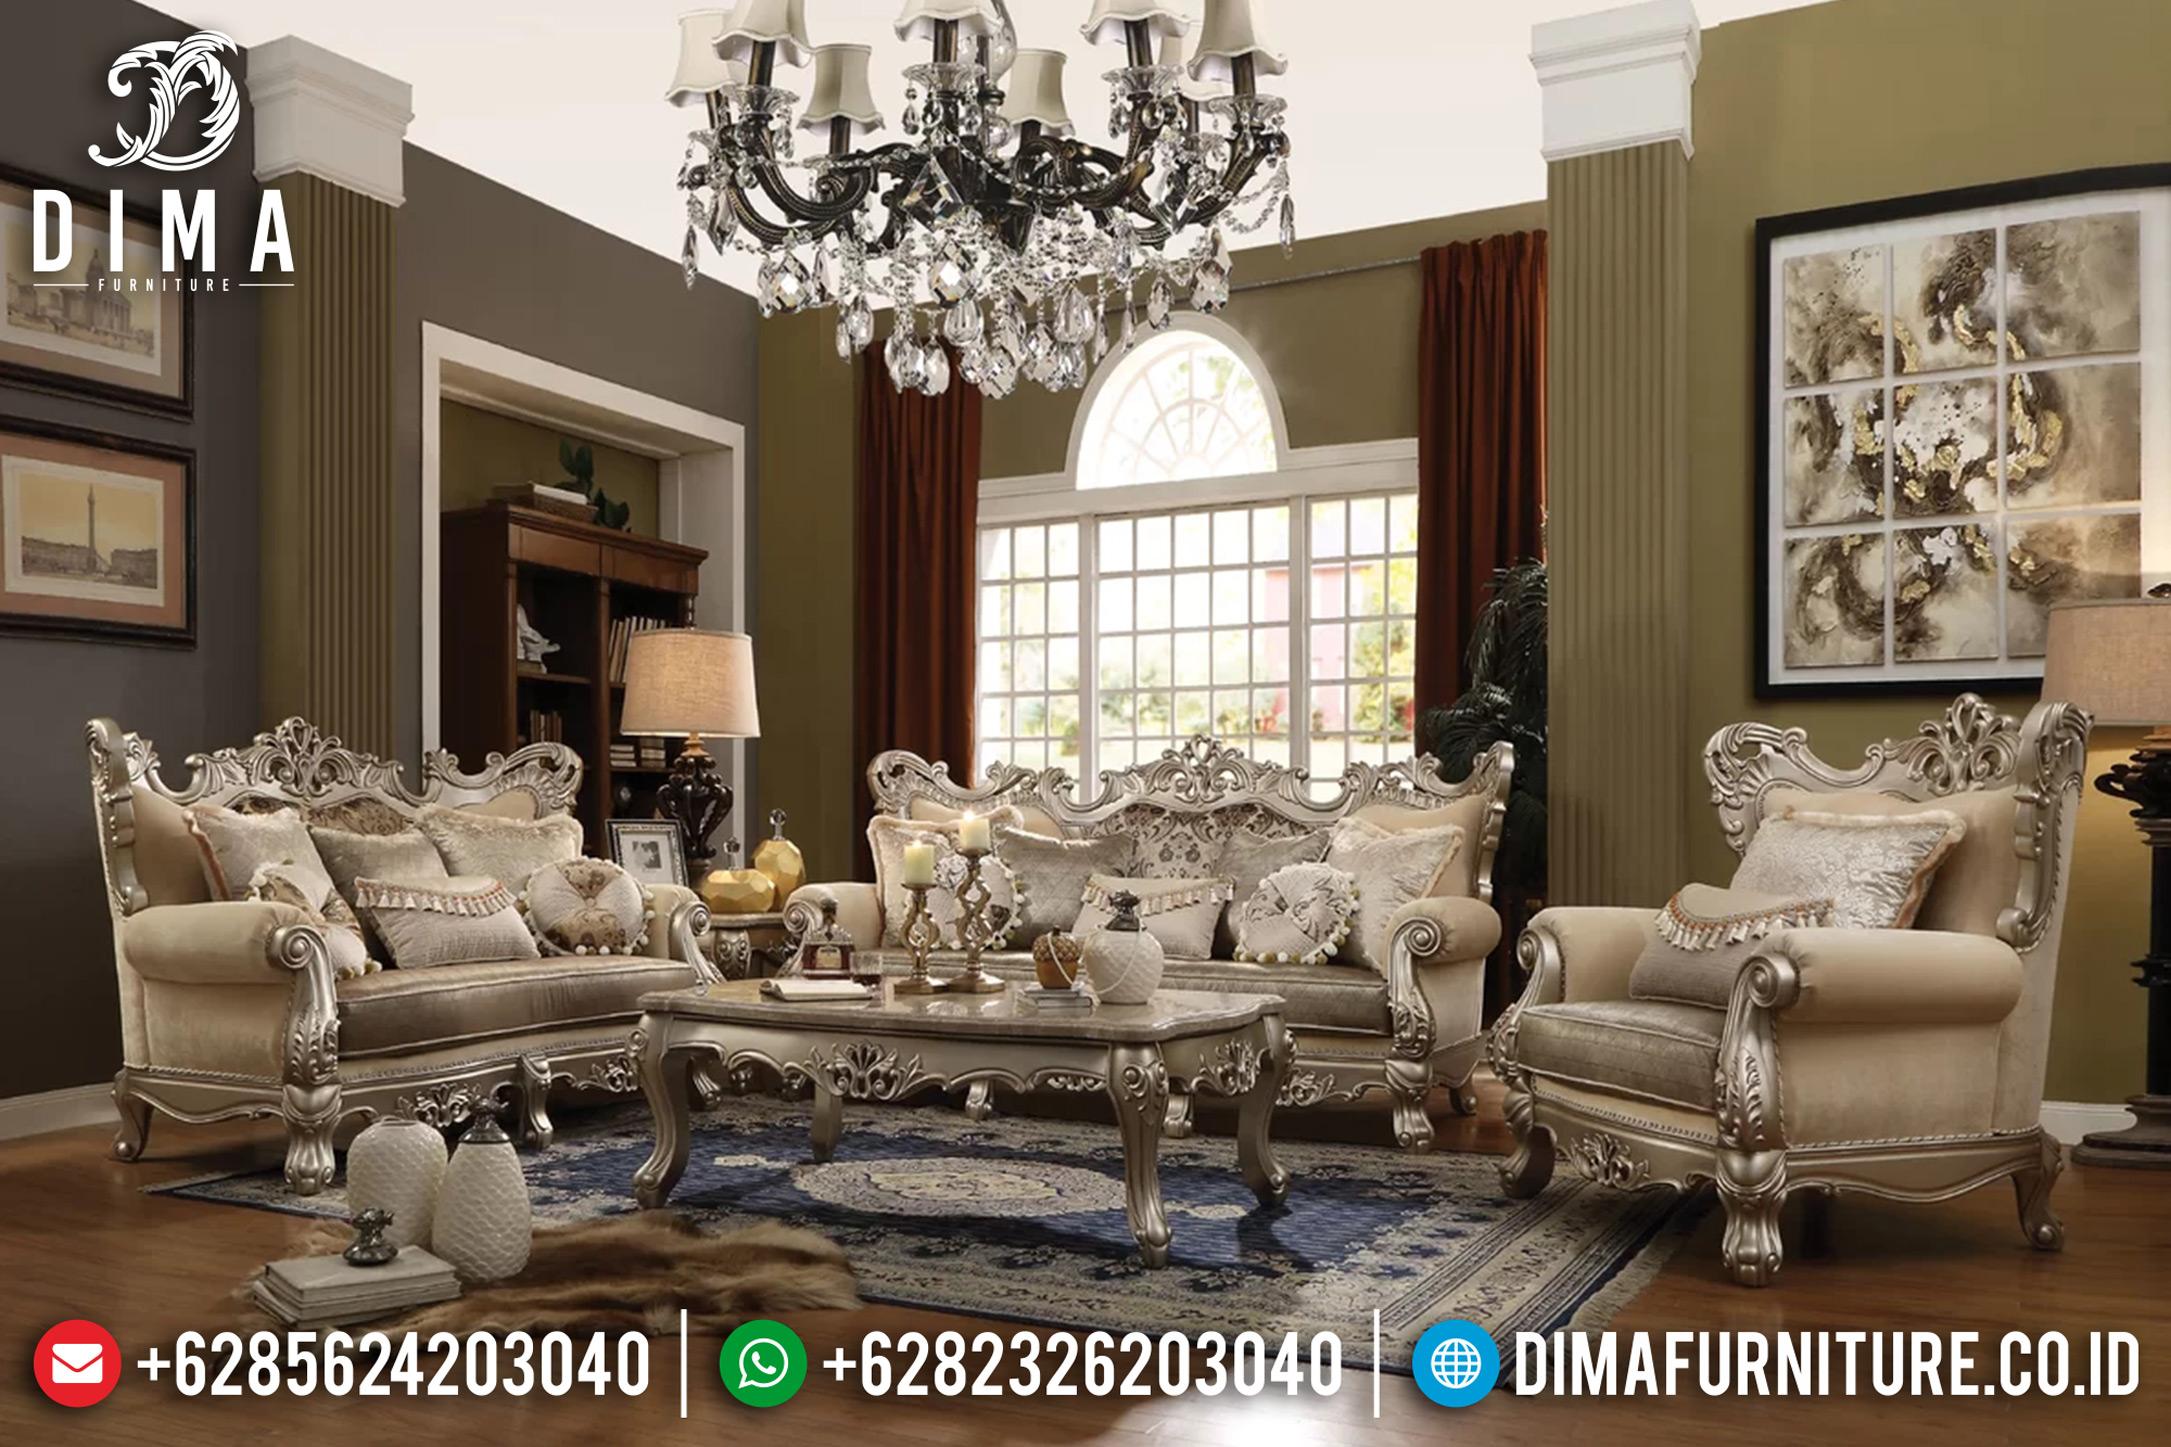 Sofa Tamu Mewah Jepara, Furniture Indonesia, Kursi Jepara Klasik DF-0684